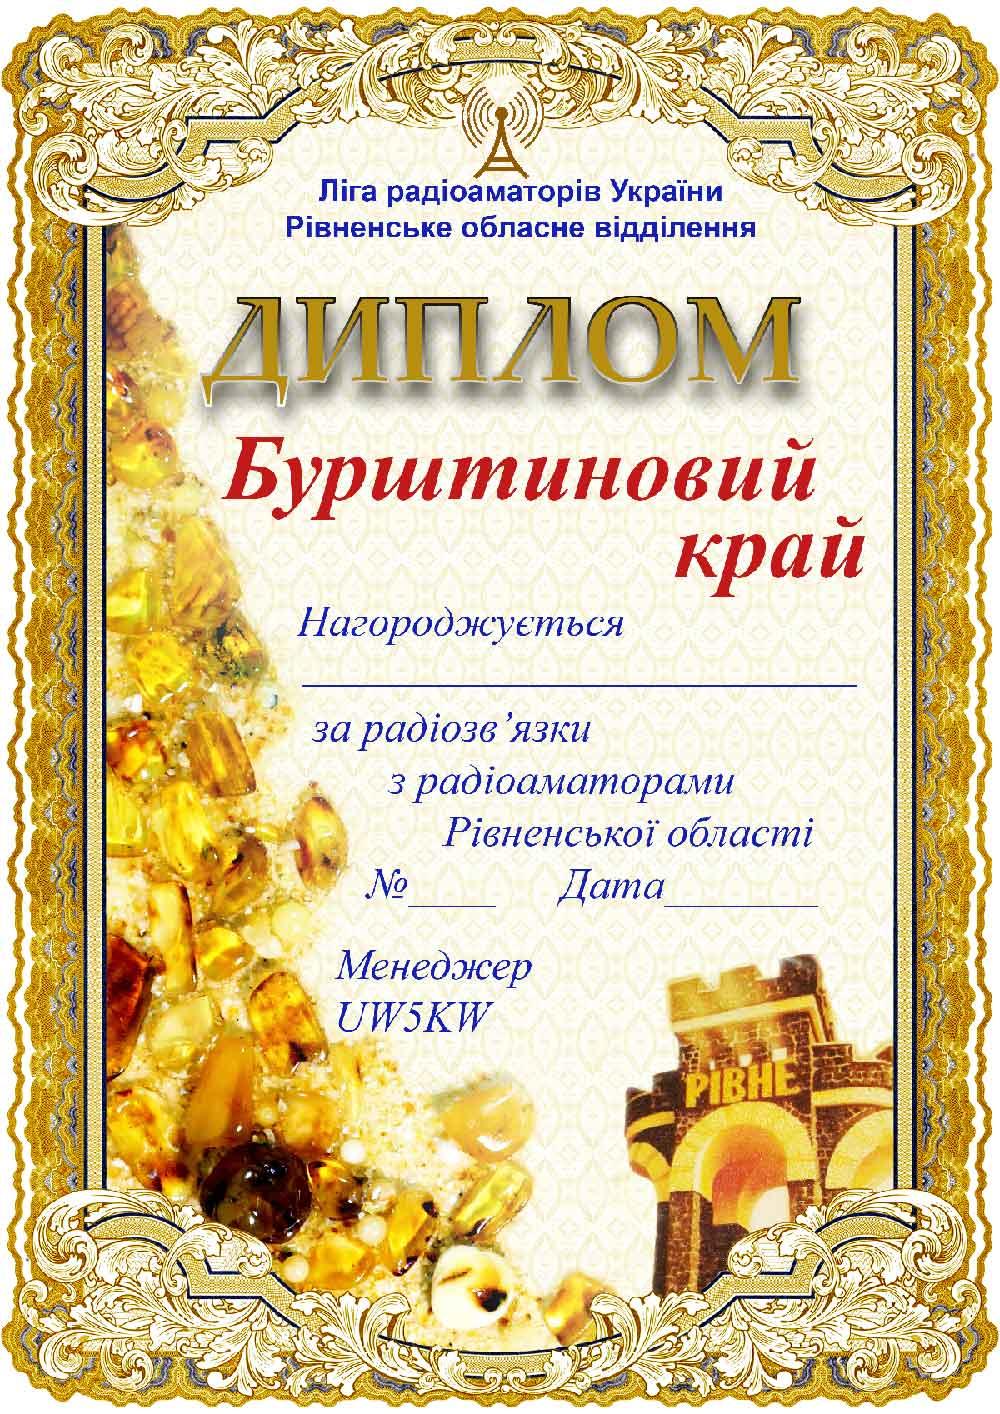 Бурштиновий край Янтарный край условия получения  Чтобы получить диплом